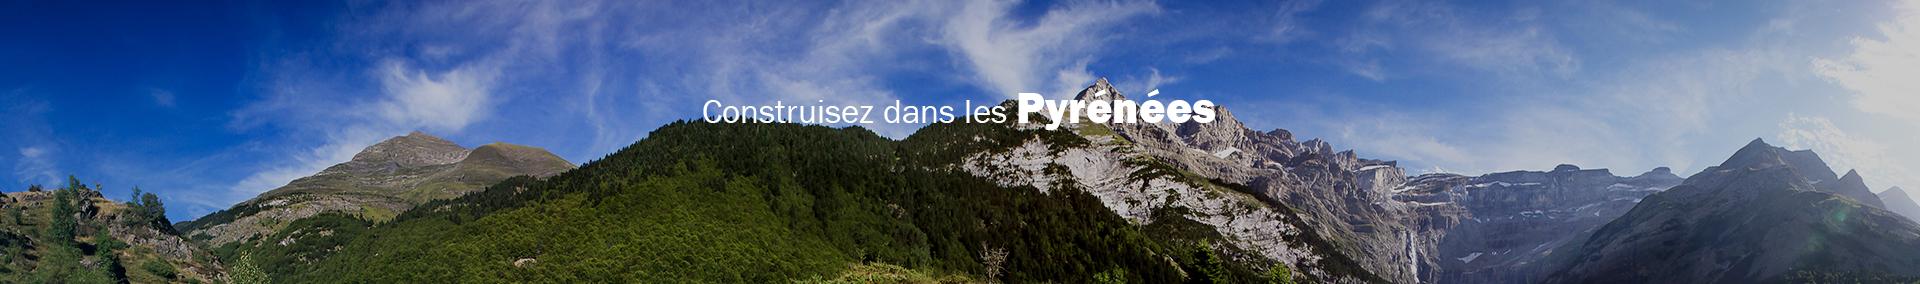 Construisez dans les Pyrénées avec Maisons Bruno Petit